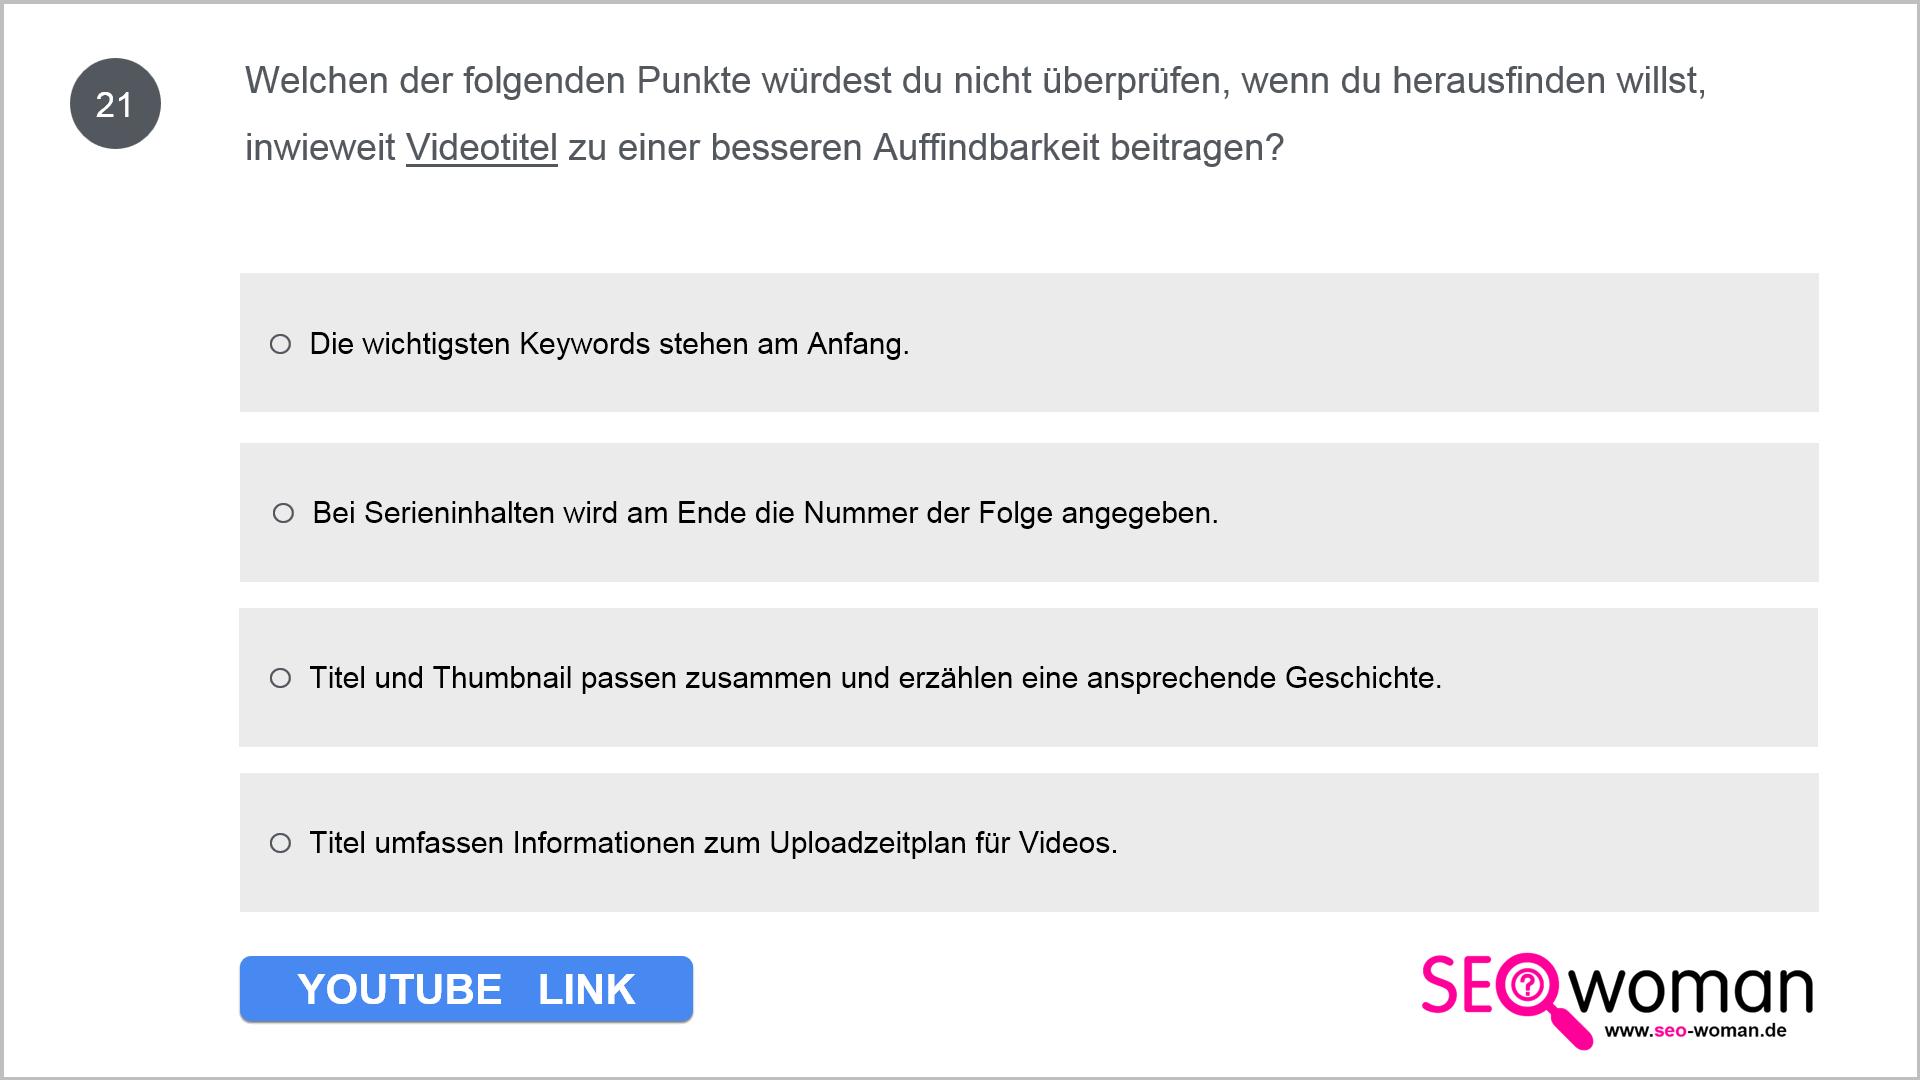 Welchen der folgenden Punkte würdest du nicht überprüfen, wenn du herausfinden willst, inwieweit Videotitel zu einer besseren Auffindbarkeit beitragen?